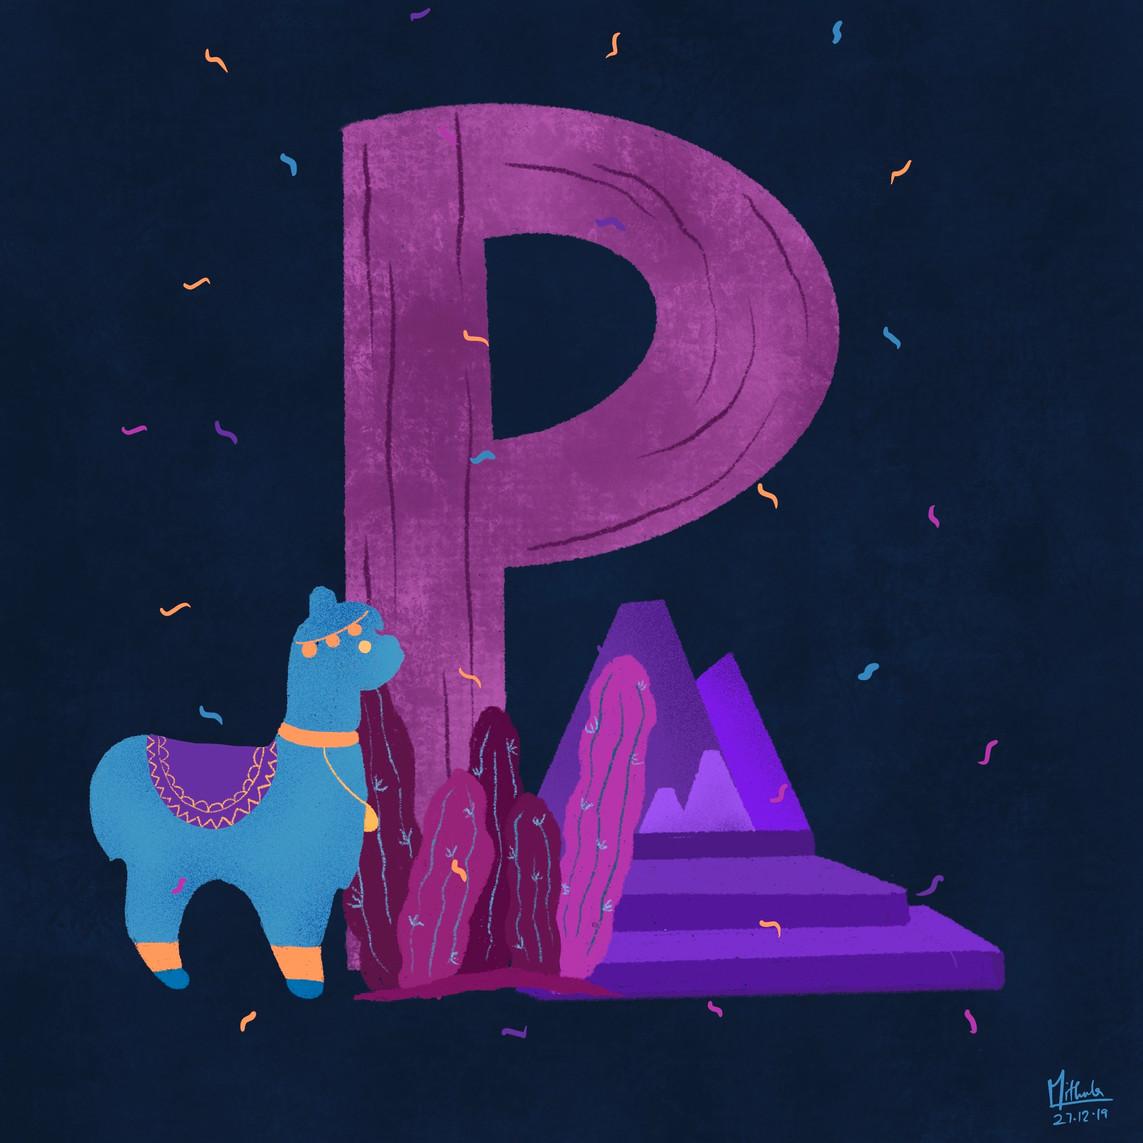 P for Peru